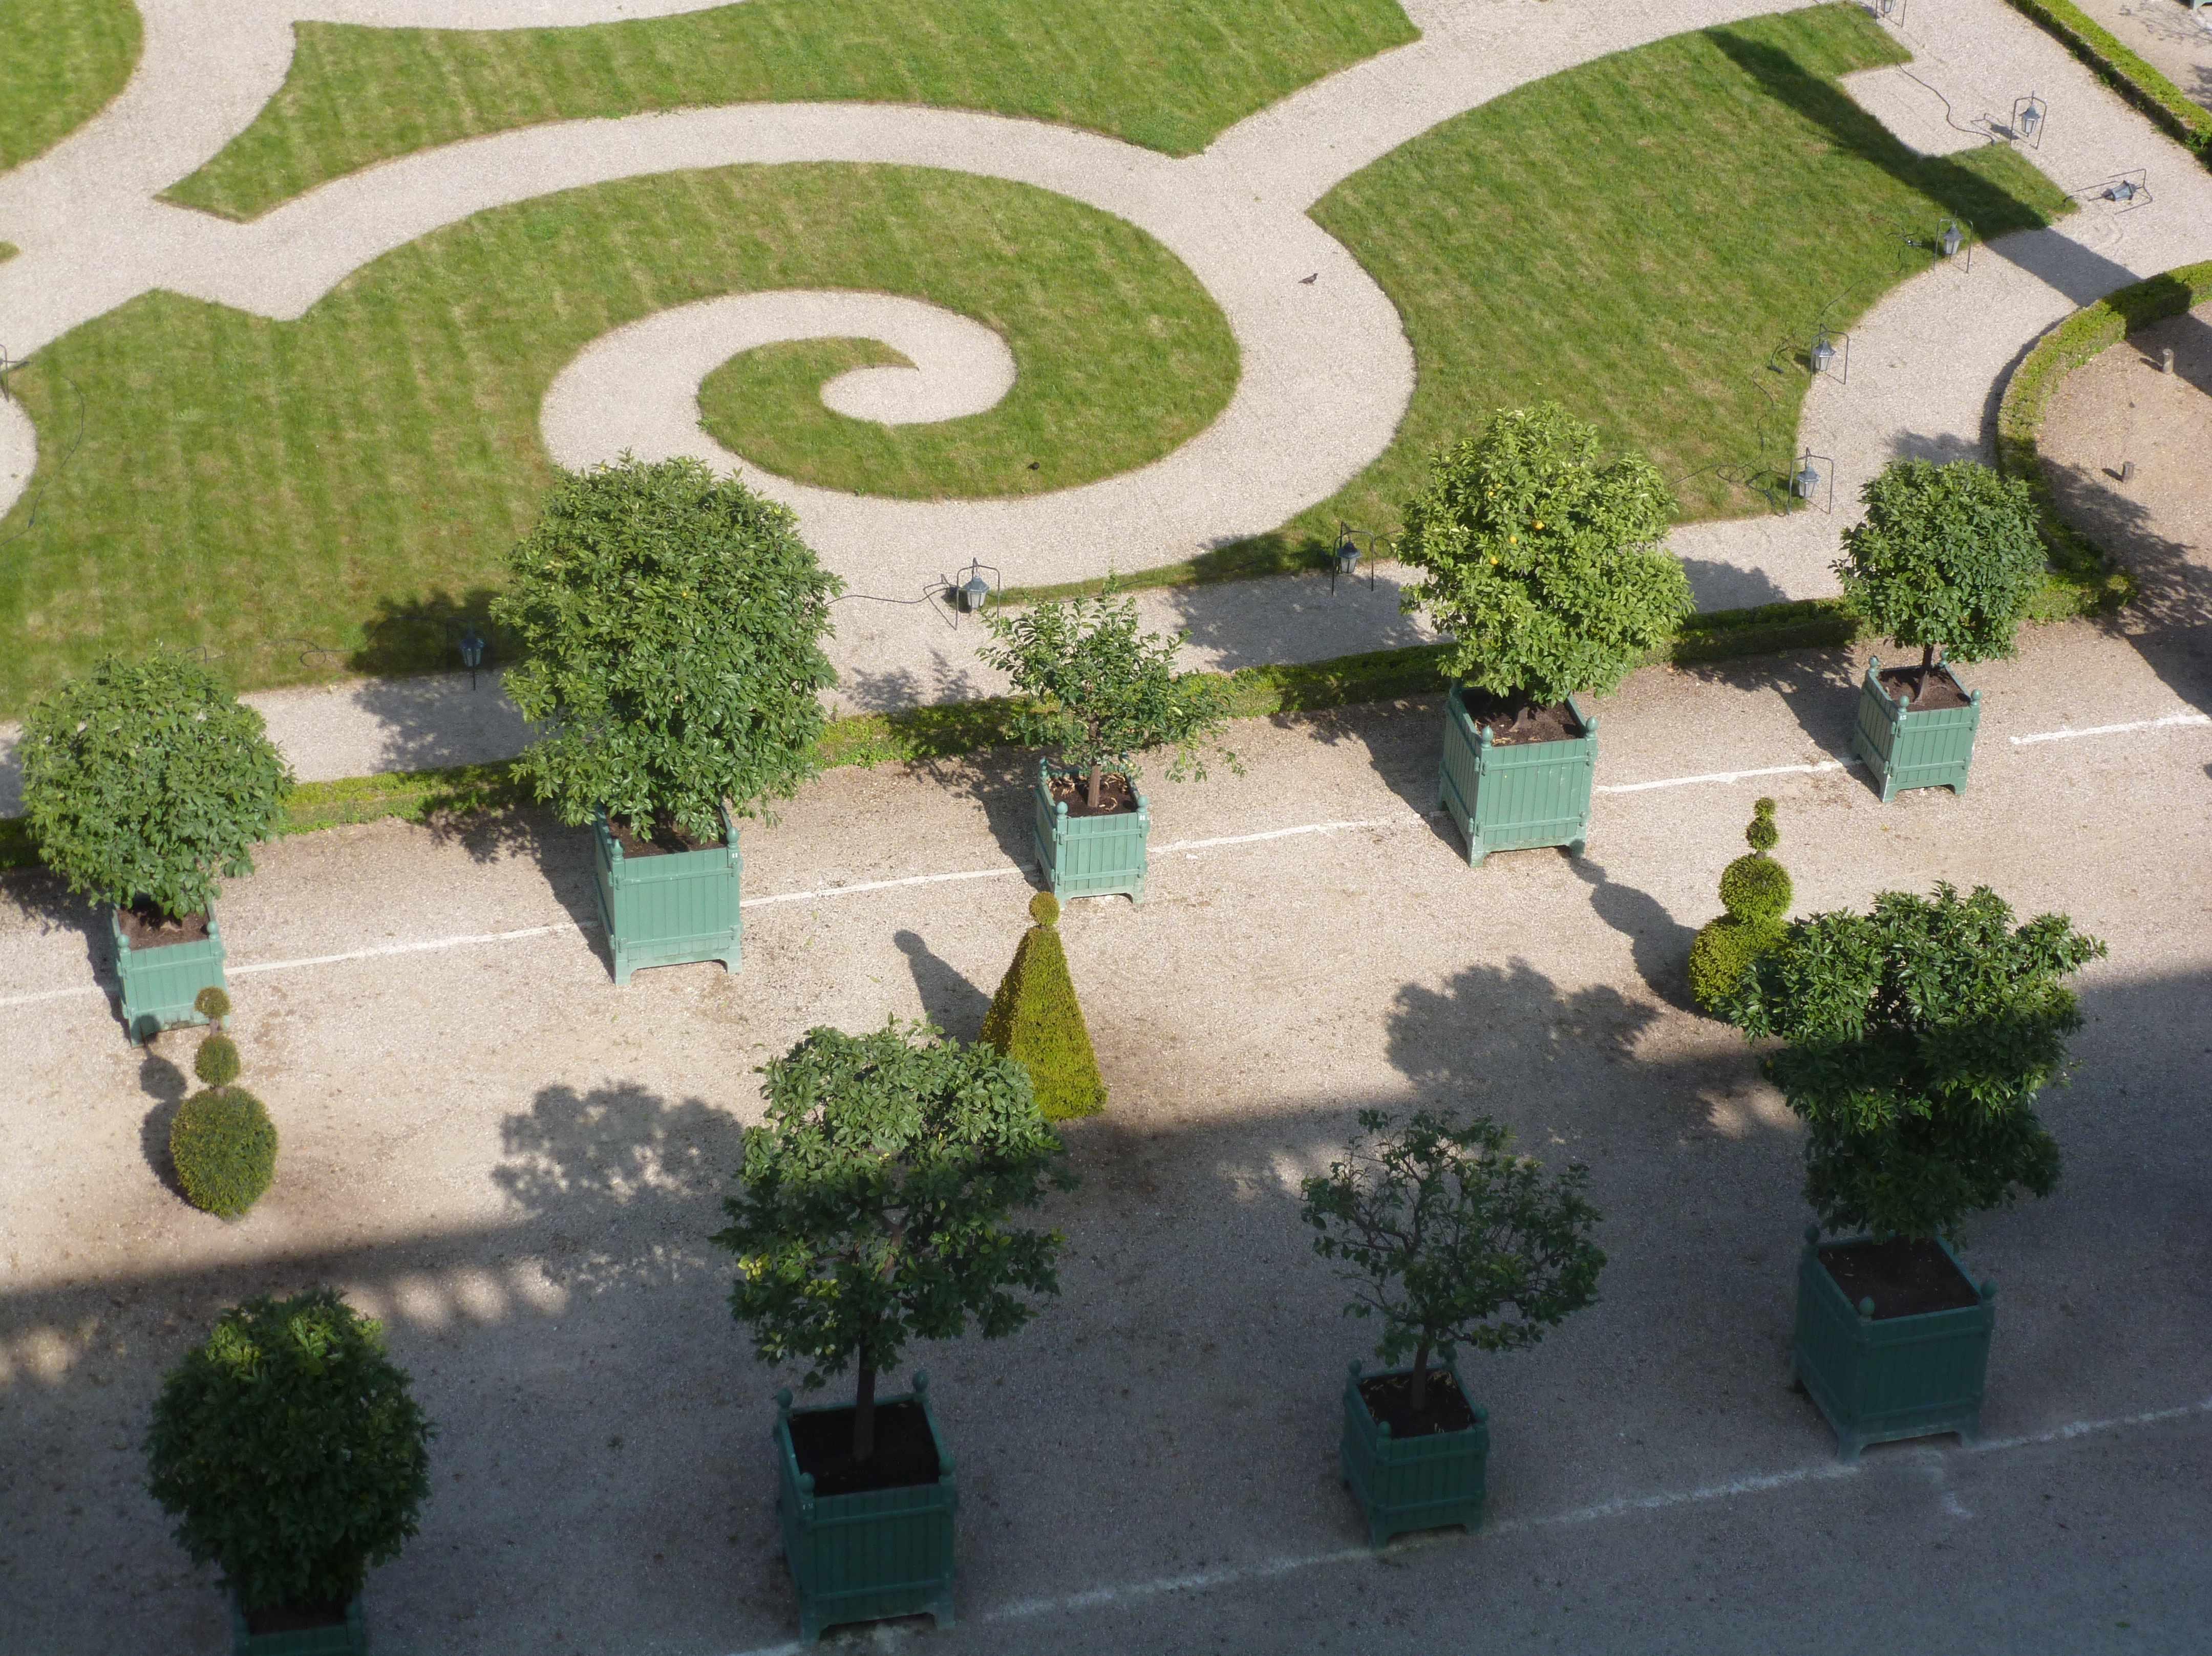 Versailles ombre balustrade orangerie 05-2013